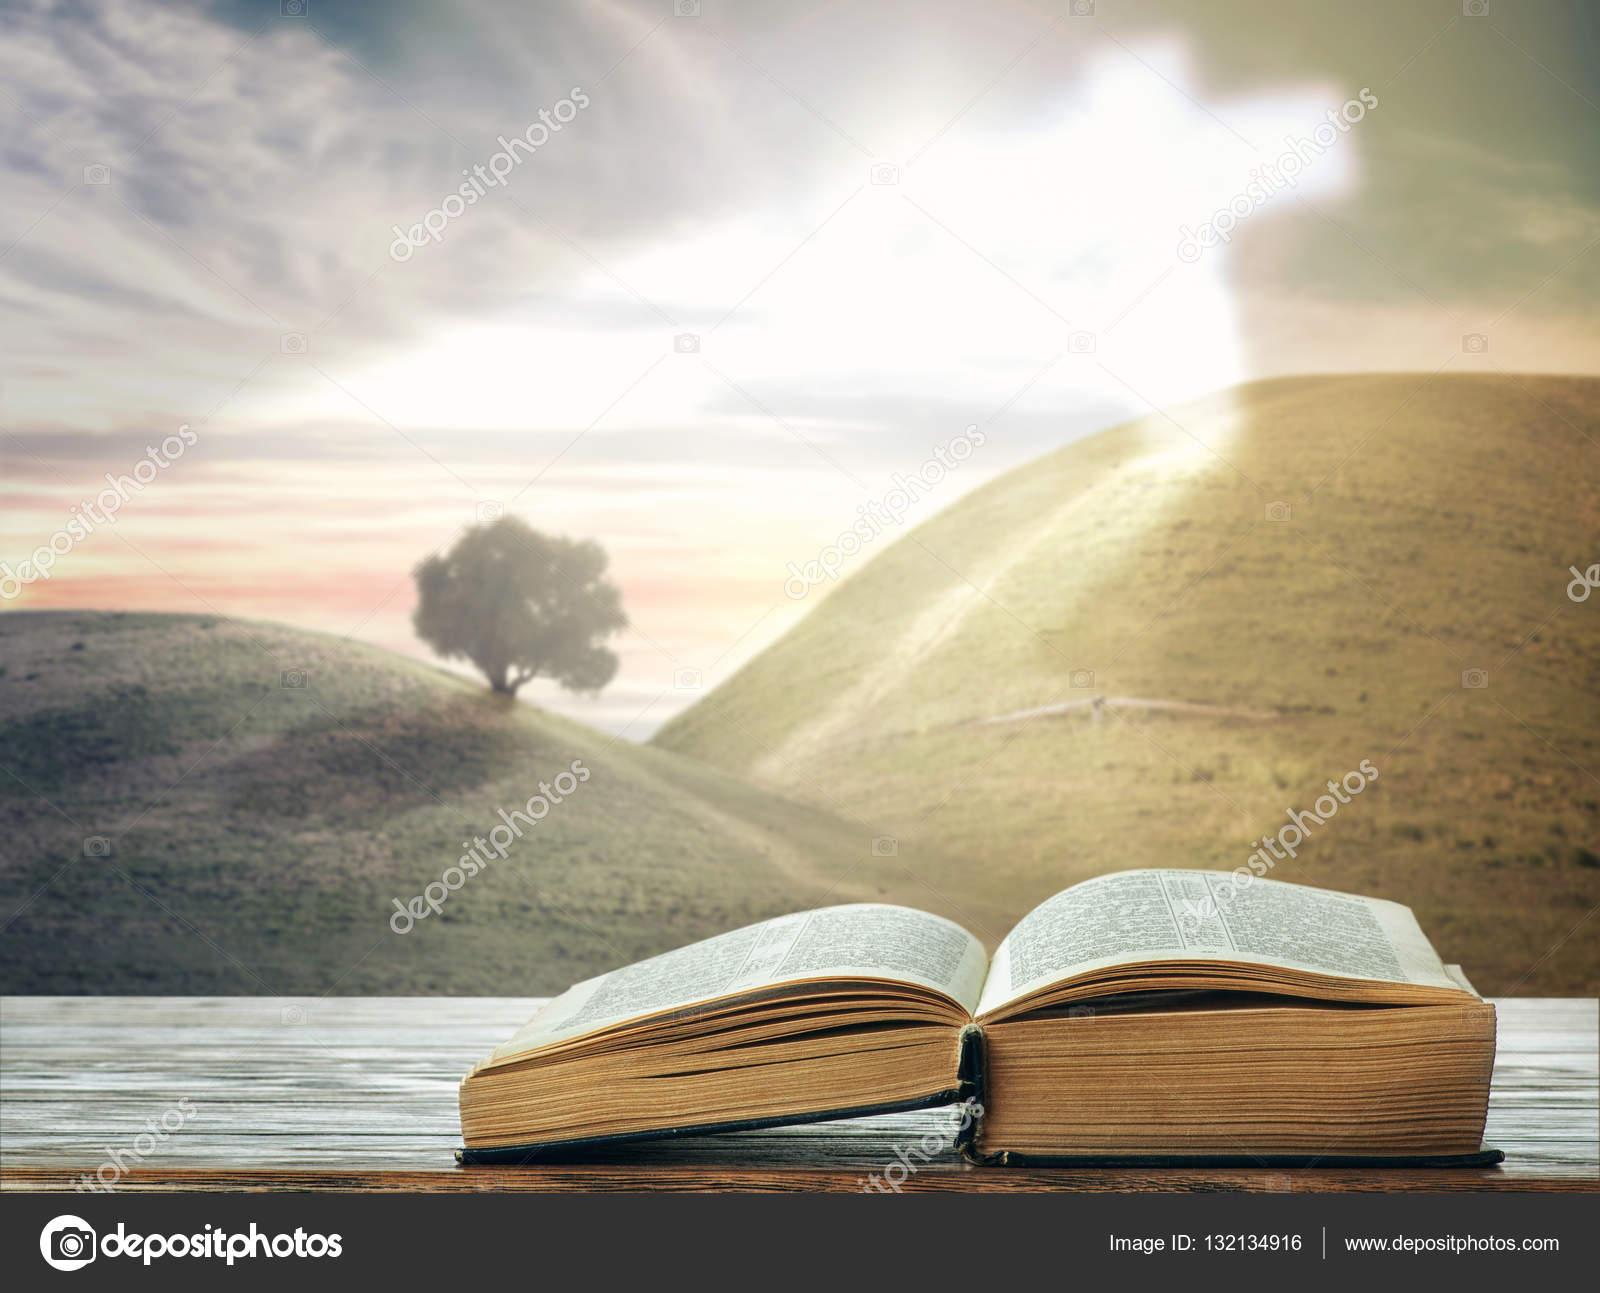 Imágenes Biblias Abiertas Con Paisajes Biblia Abierta Contra